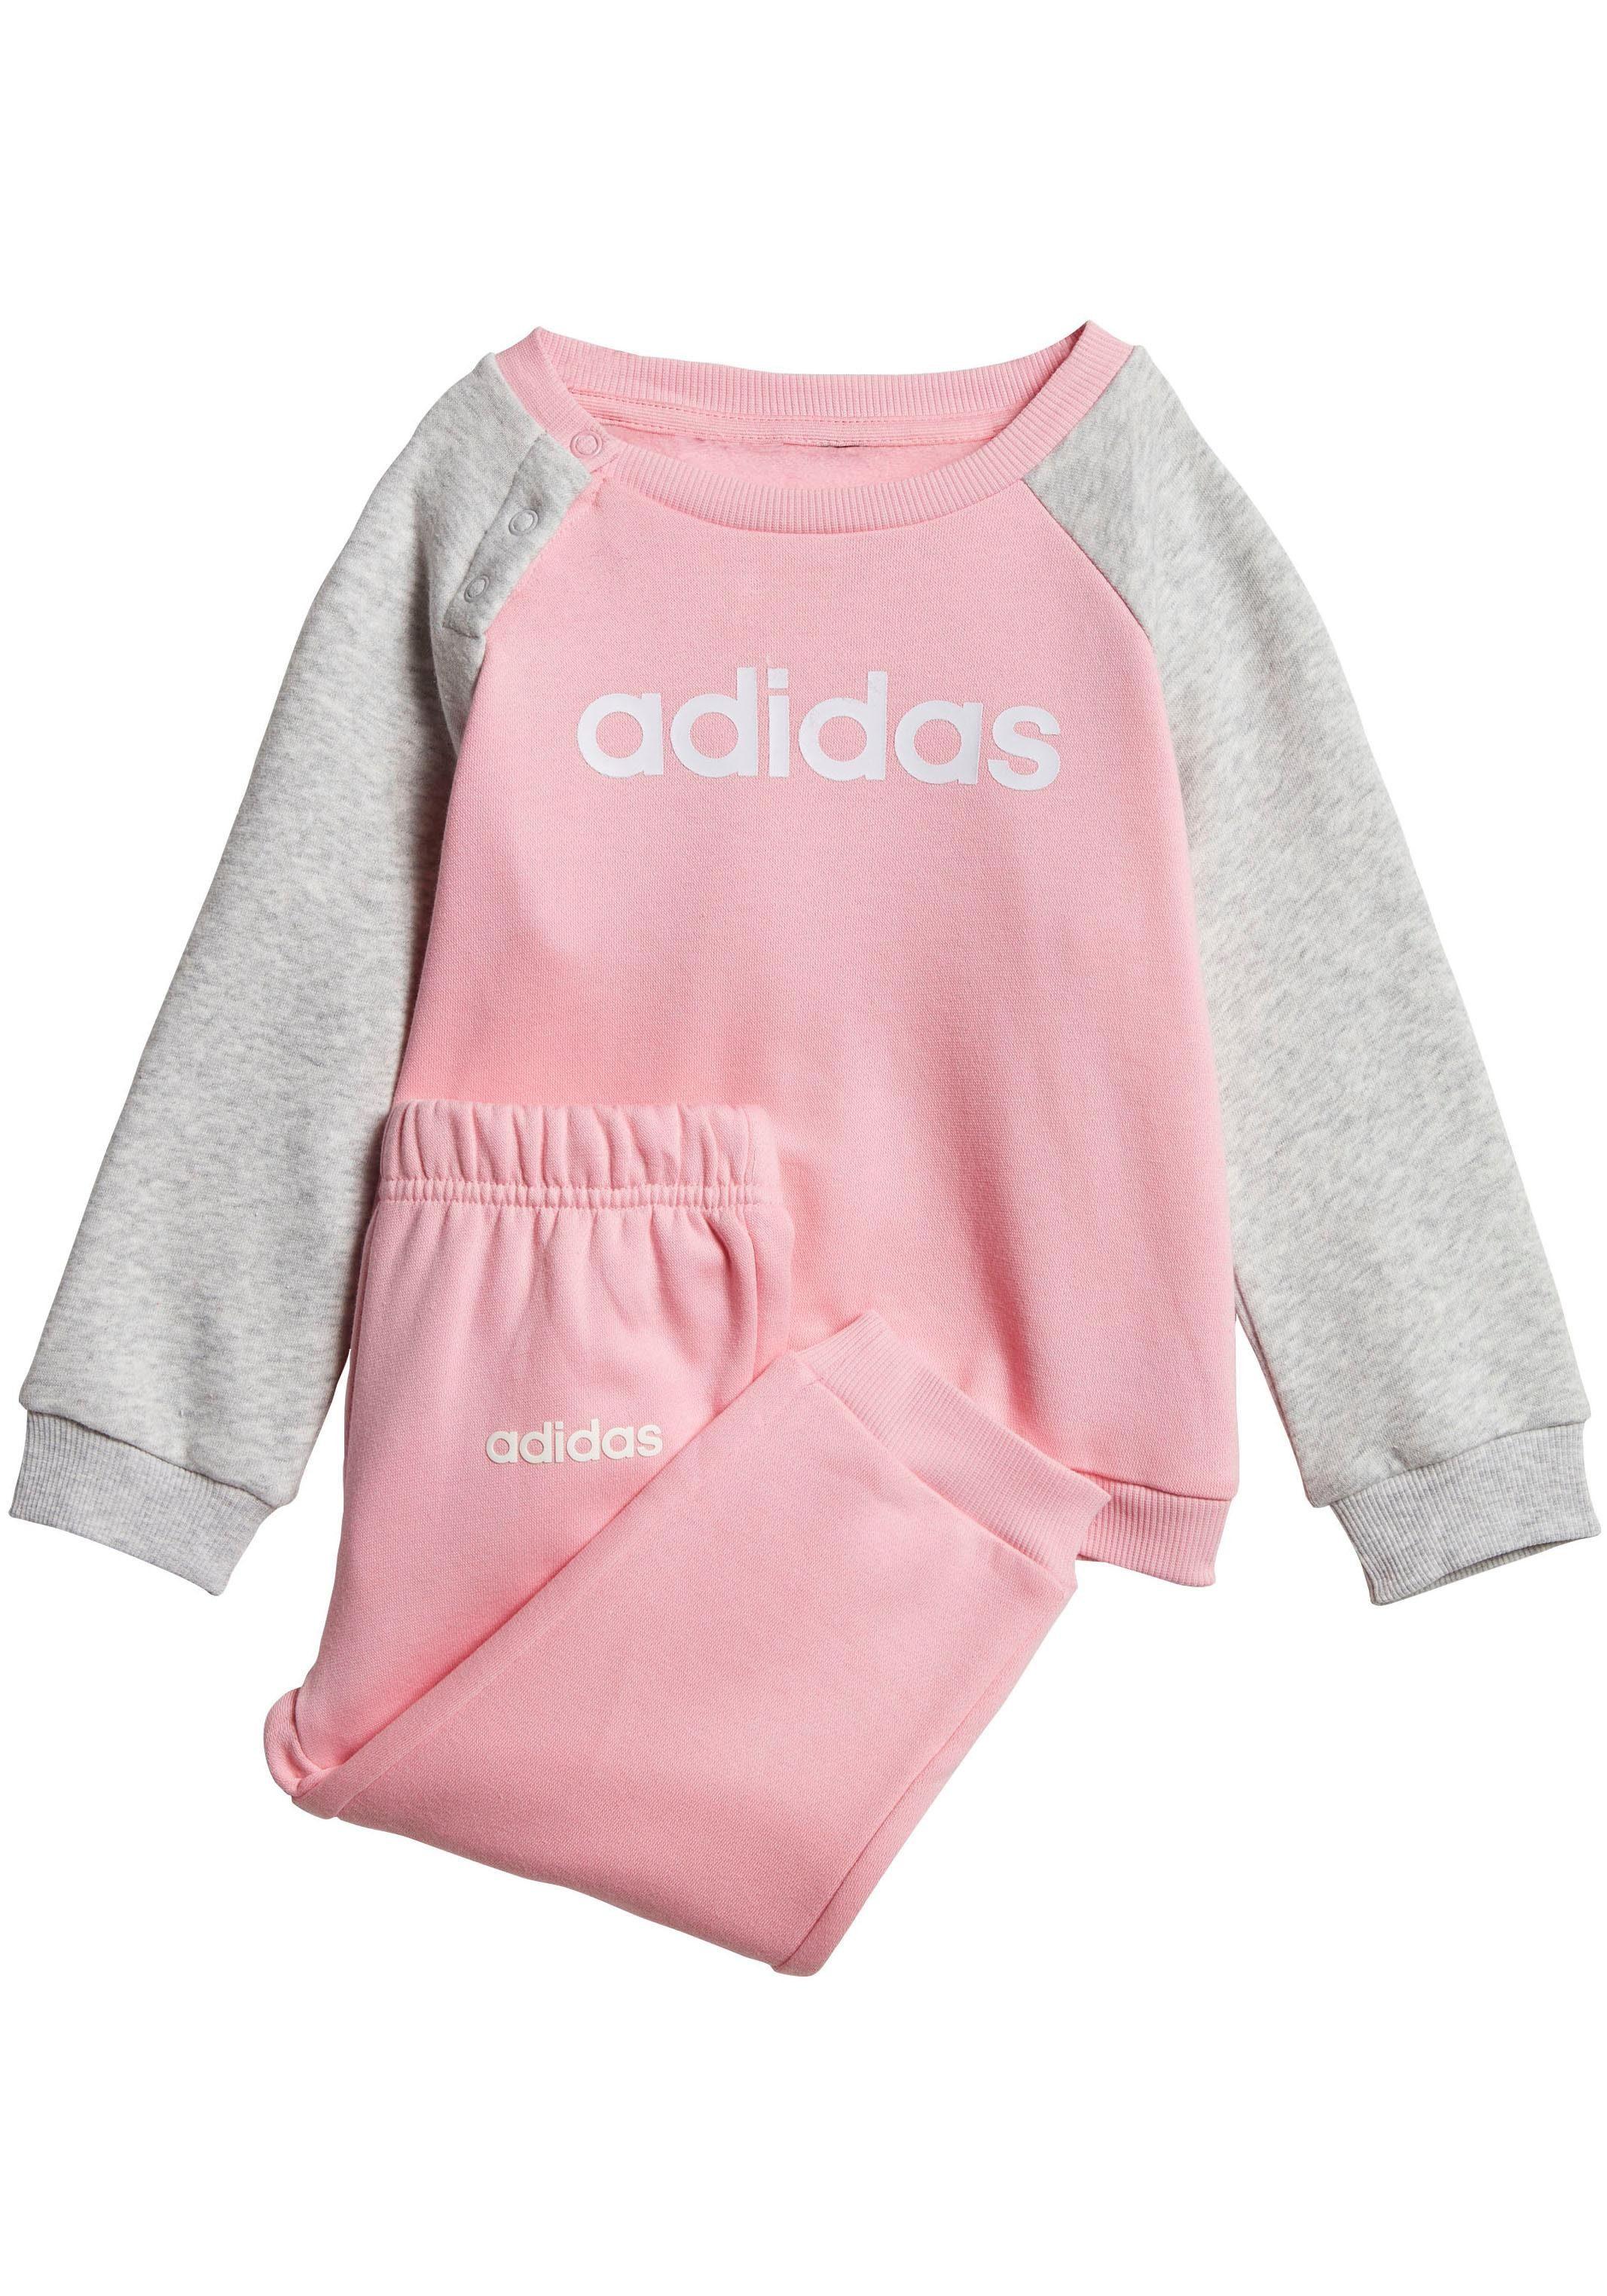 adidas anzug grau rosa